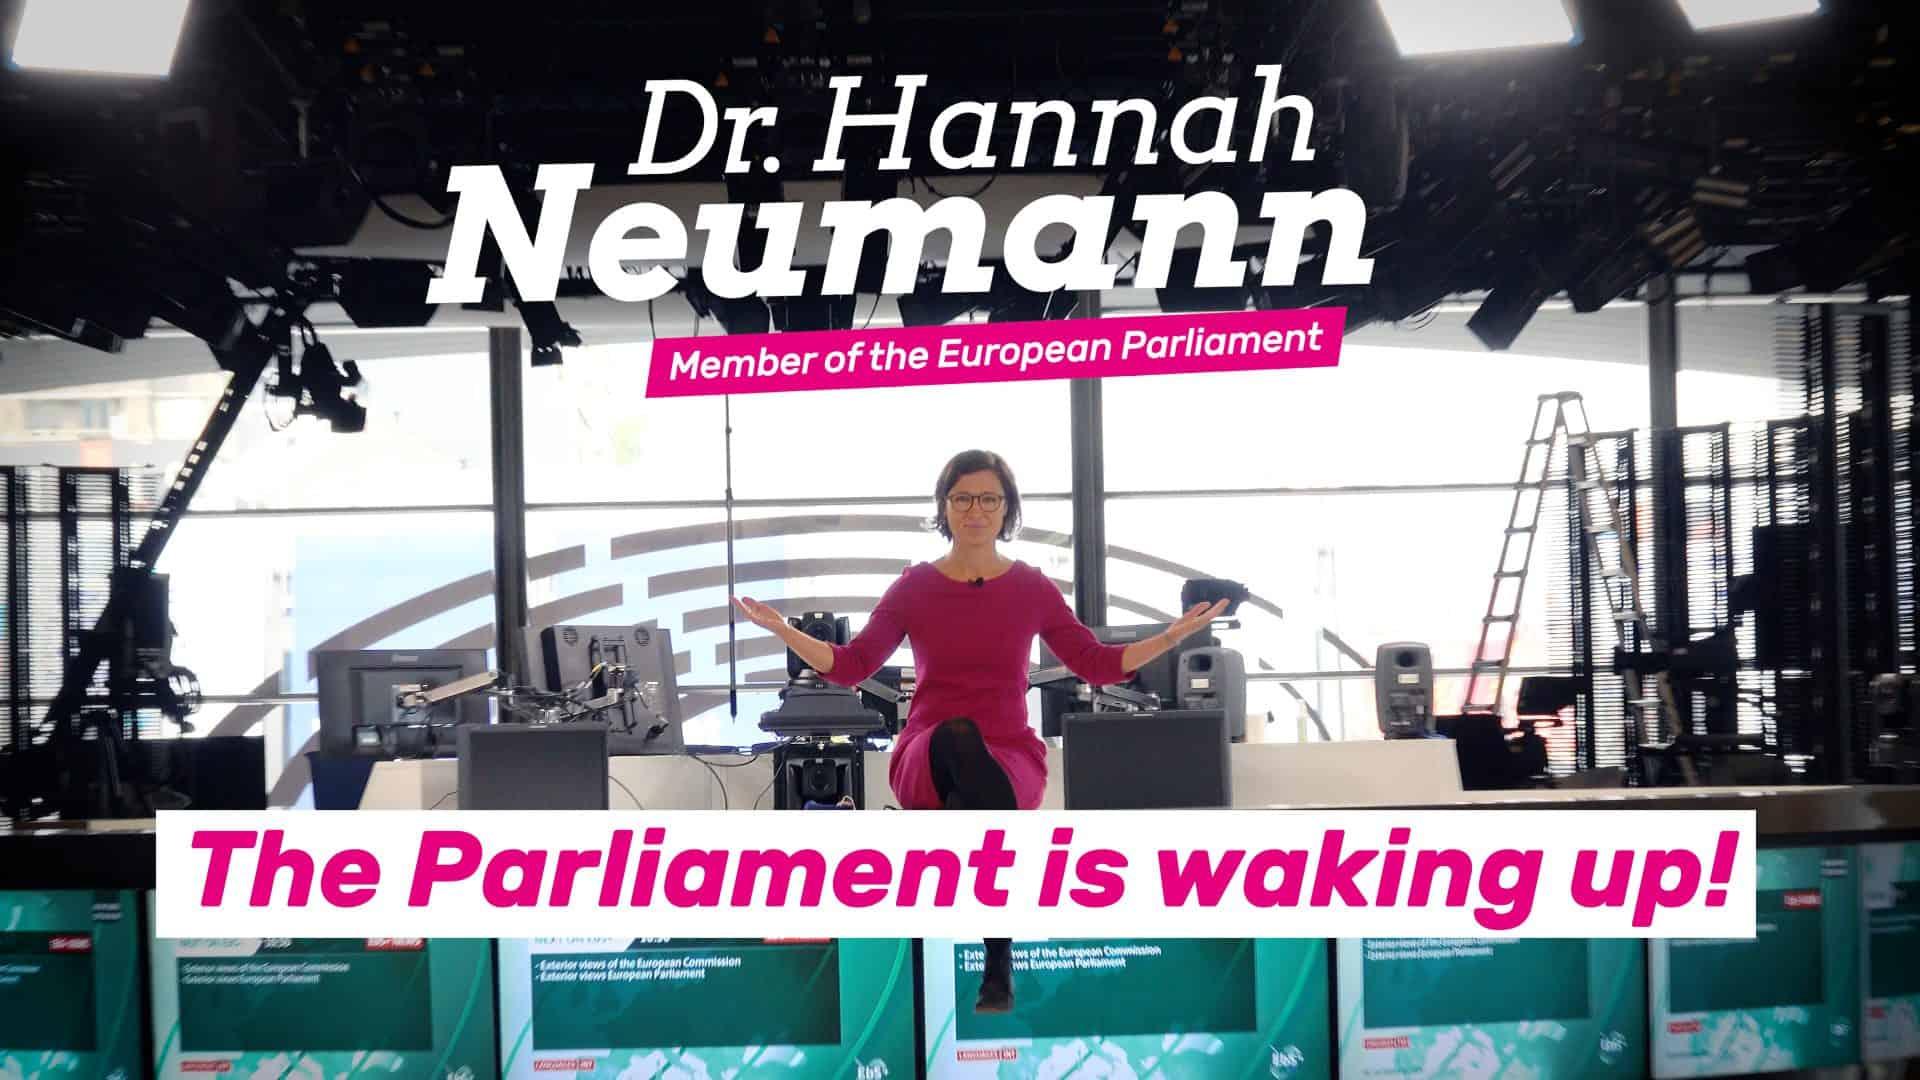 Das Europaparlament erwacht! - Das EP in Zeiten von Corona